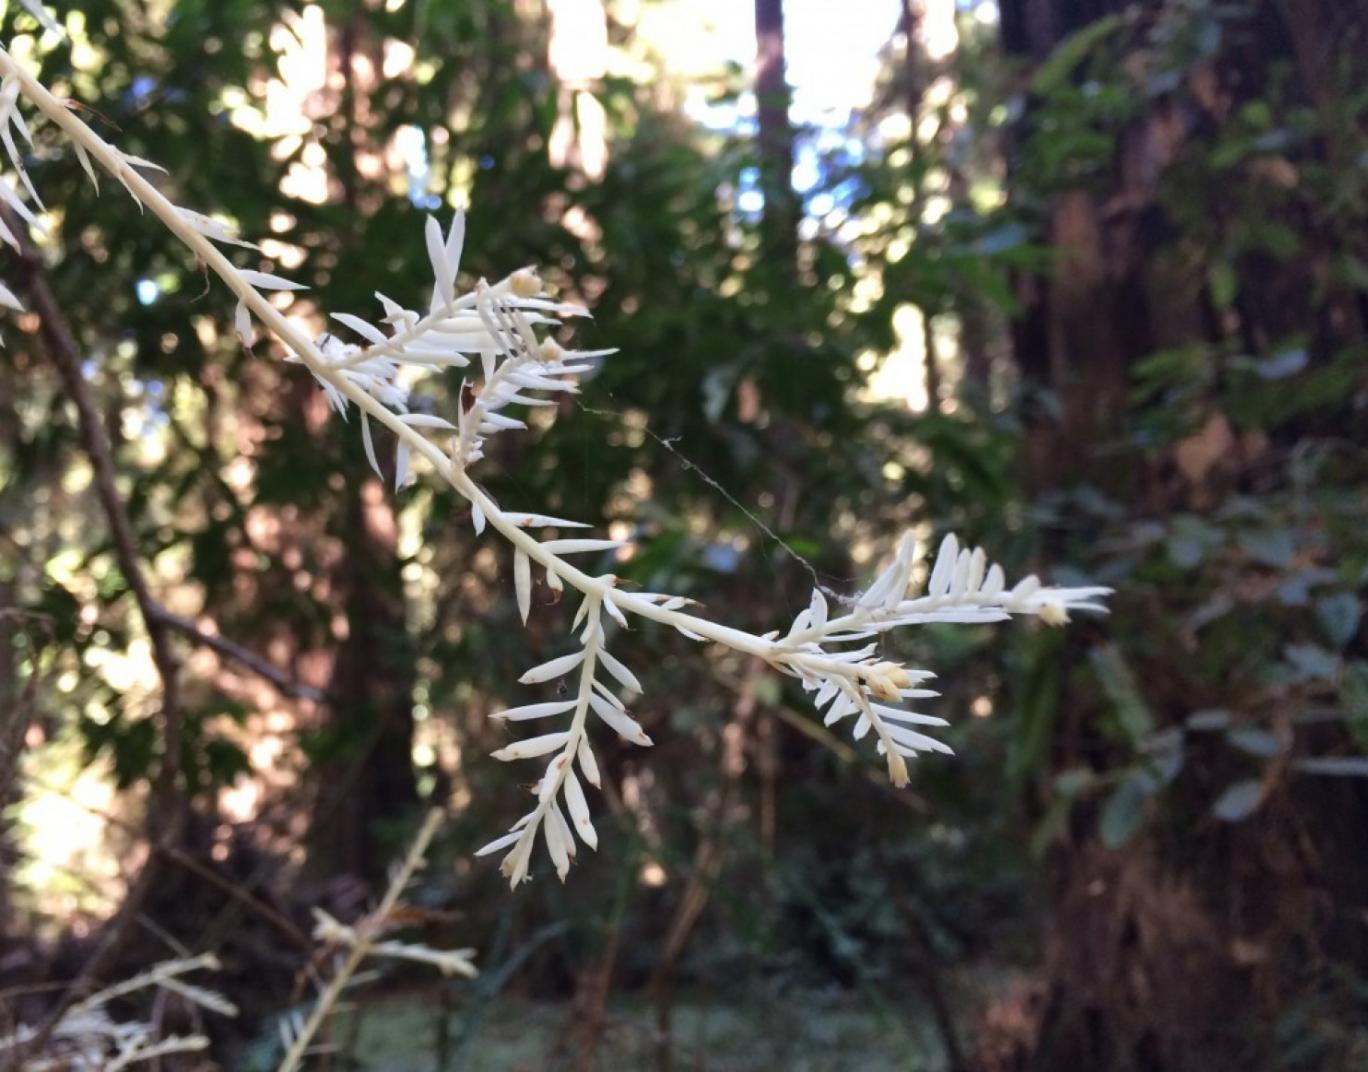 """Bí ẩn """"cây ma"""" sống không cần quang hợp trong rừng - 1"""